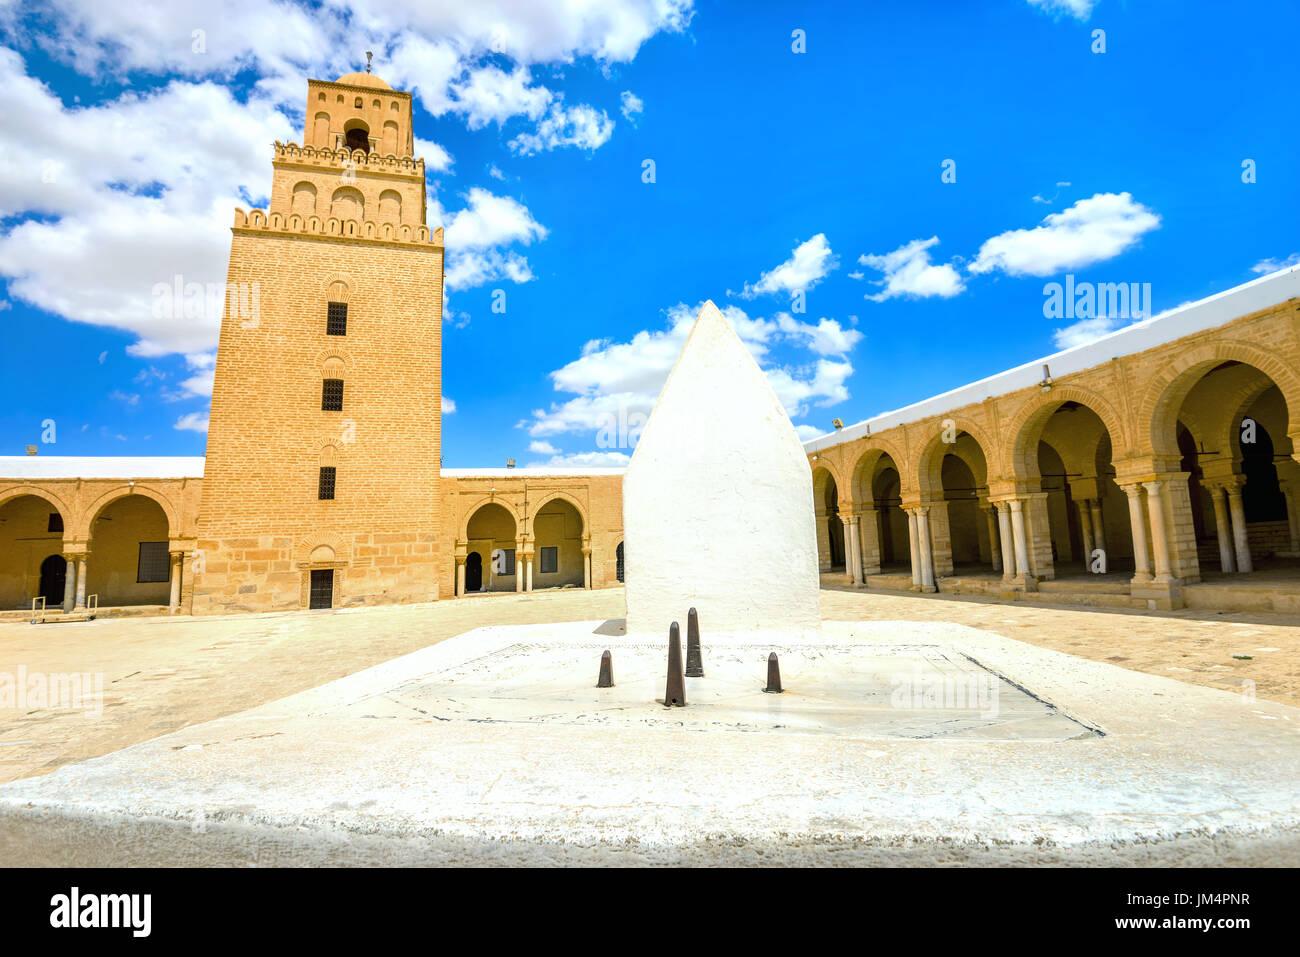 La antigua Gran Mezquita y el Sundial en Kairouan. Túnez, Norte de África Foto de stock